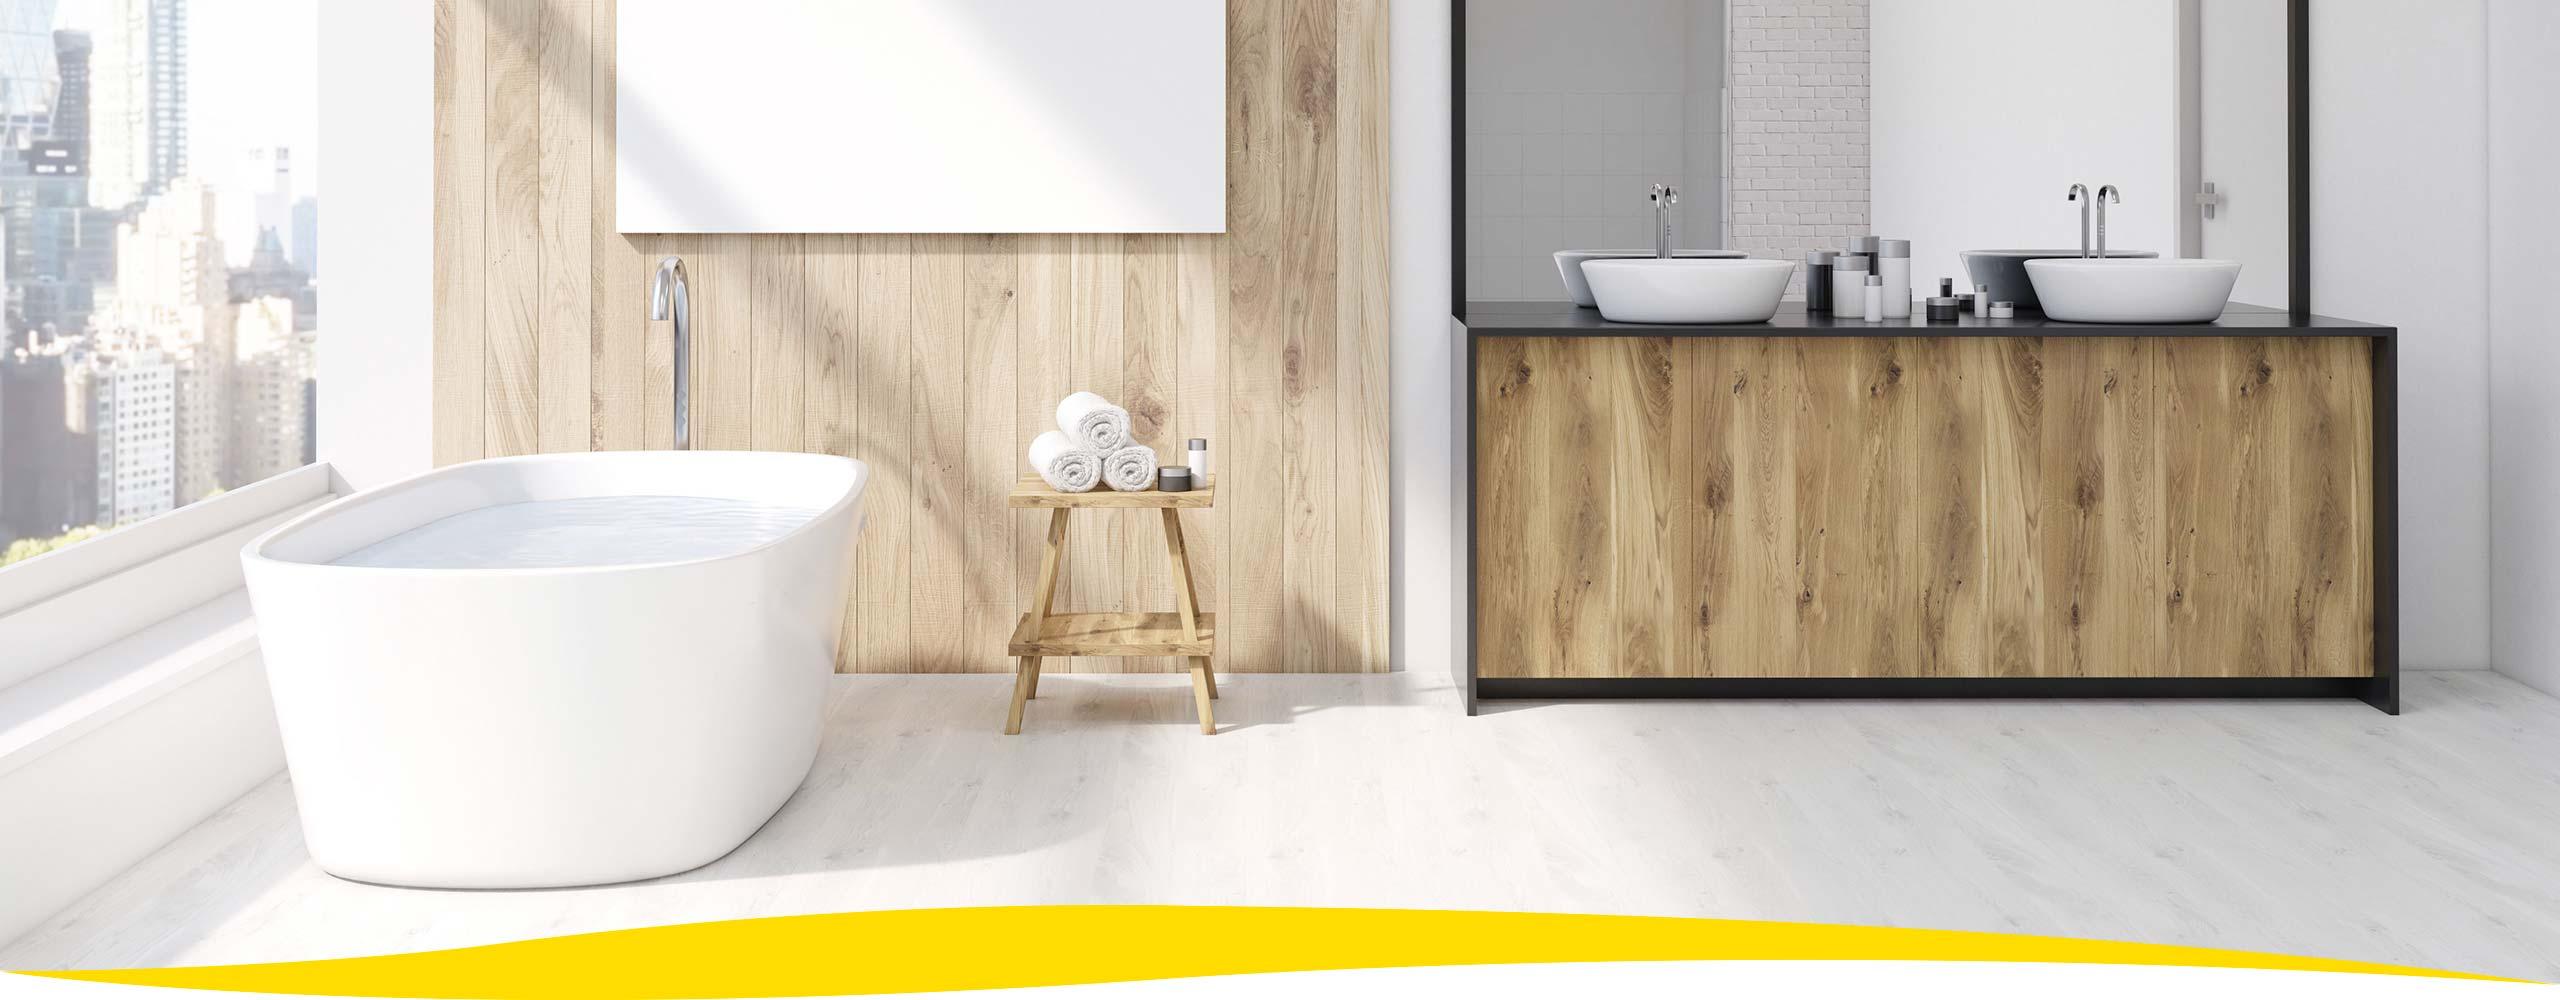 Badkamer verbouwen door de installateur uit Breda